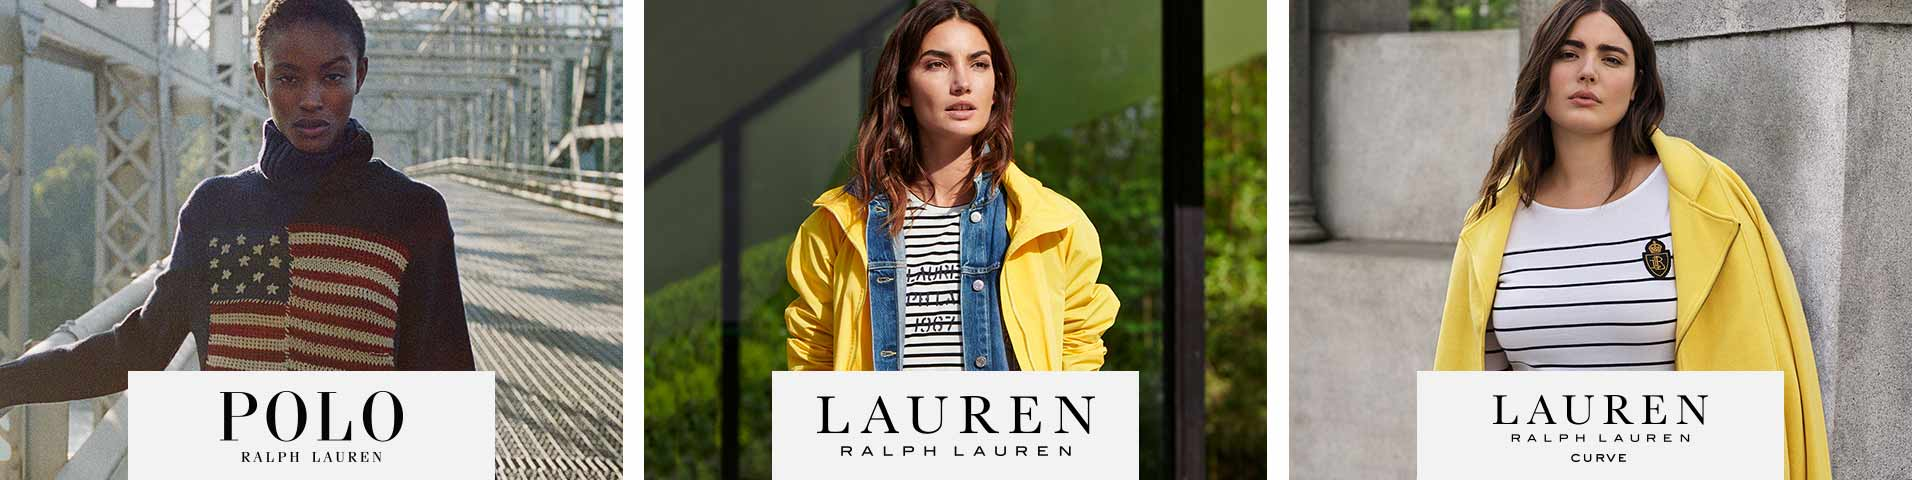 ff5411f7b3cf Chemises   chemisiers femme Ralph Lauren   Tous les articles chez ...